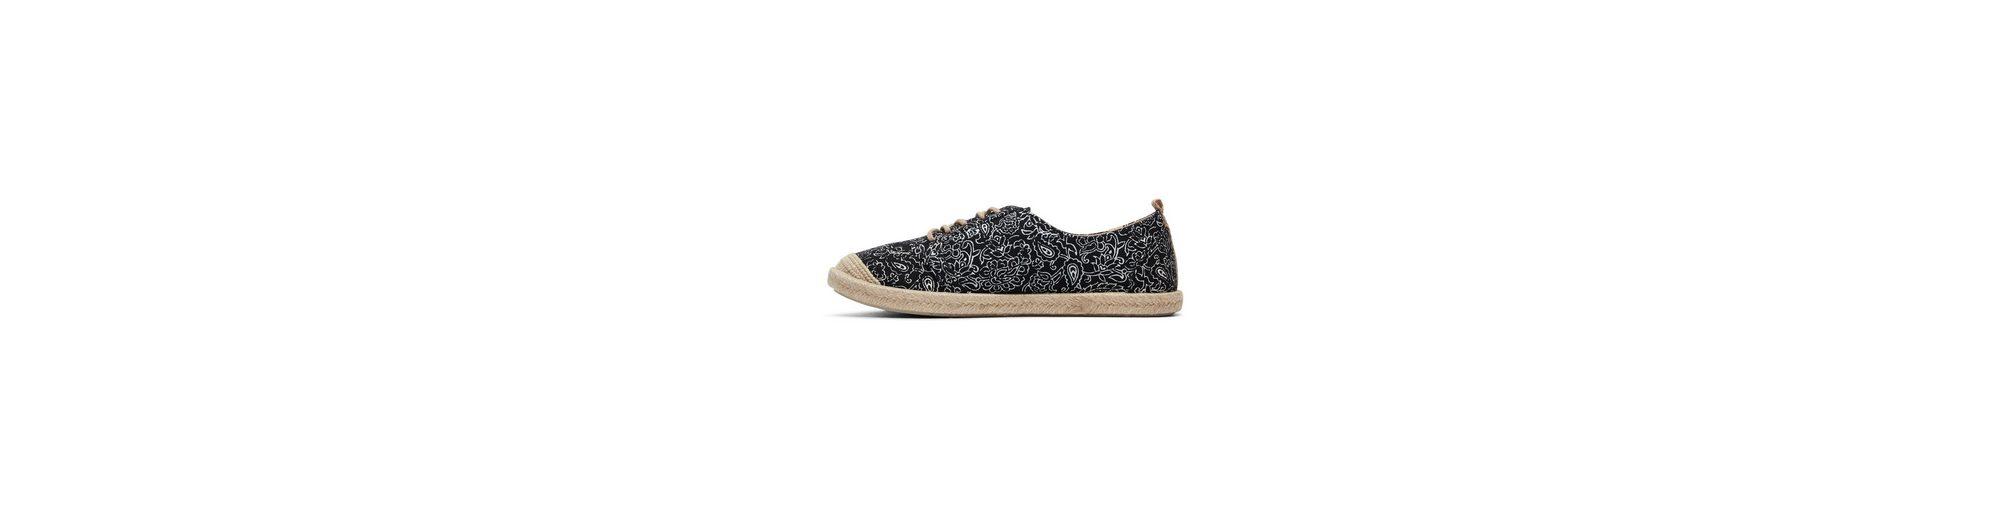 Roxy Schuhe Flora Lace Up Kostenloser Versand Zu Kaufen 2ncSkHFVi